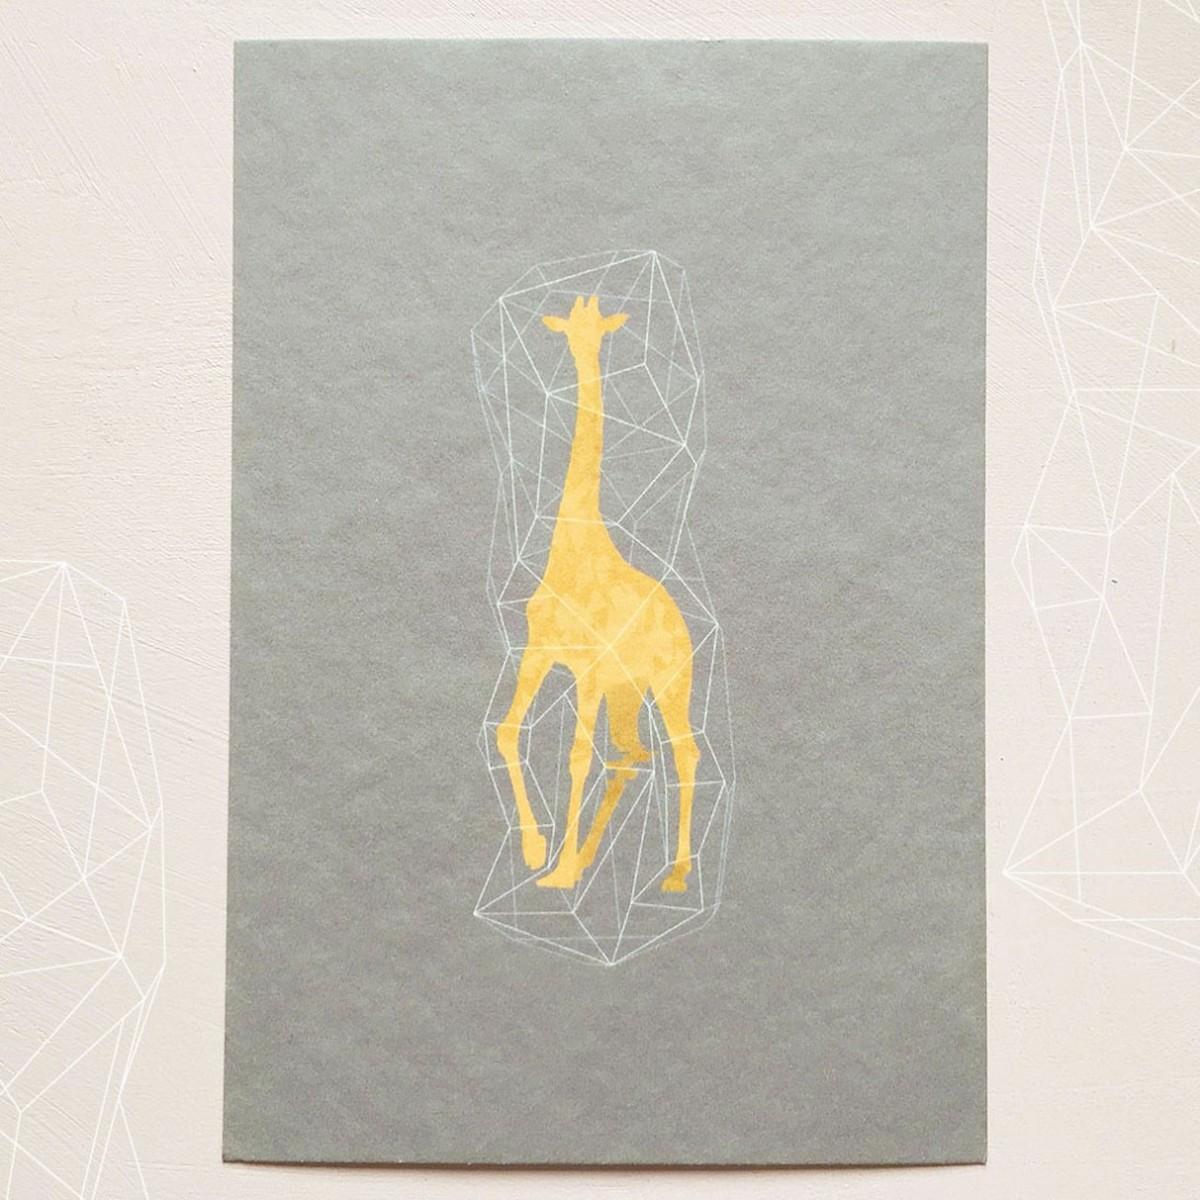 キリンのポストカード 3枚入り Iichi ハンドメイド クラフト作品 手仕事品の通販